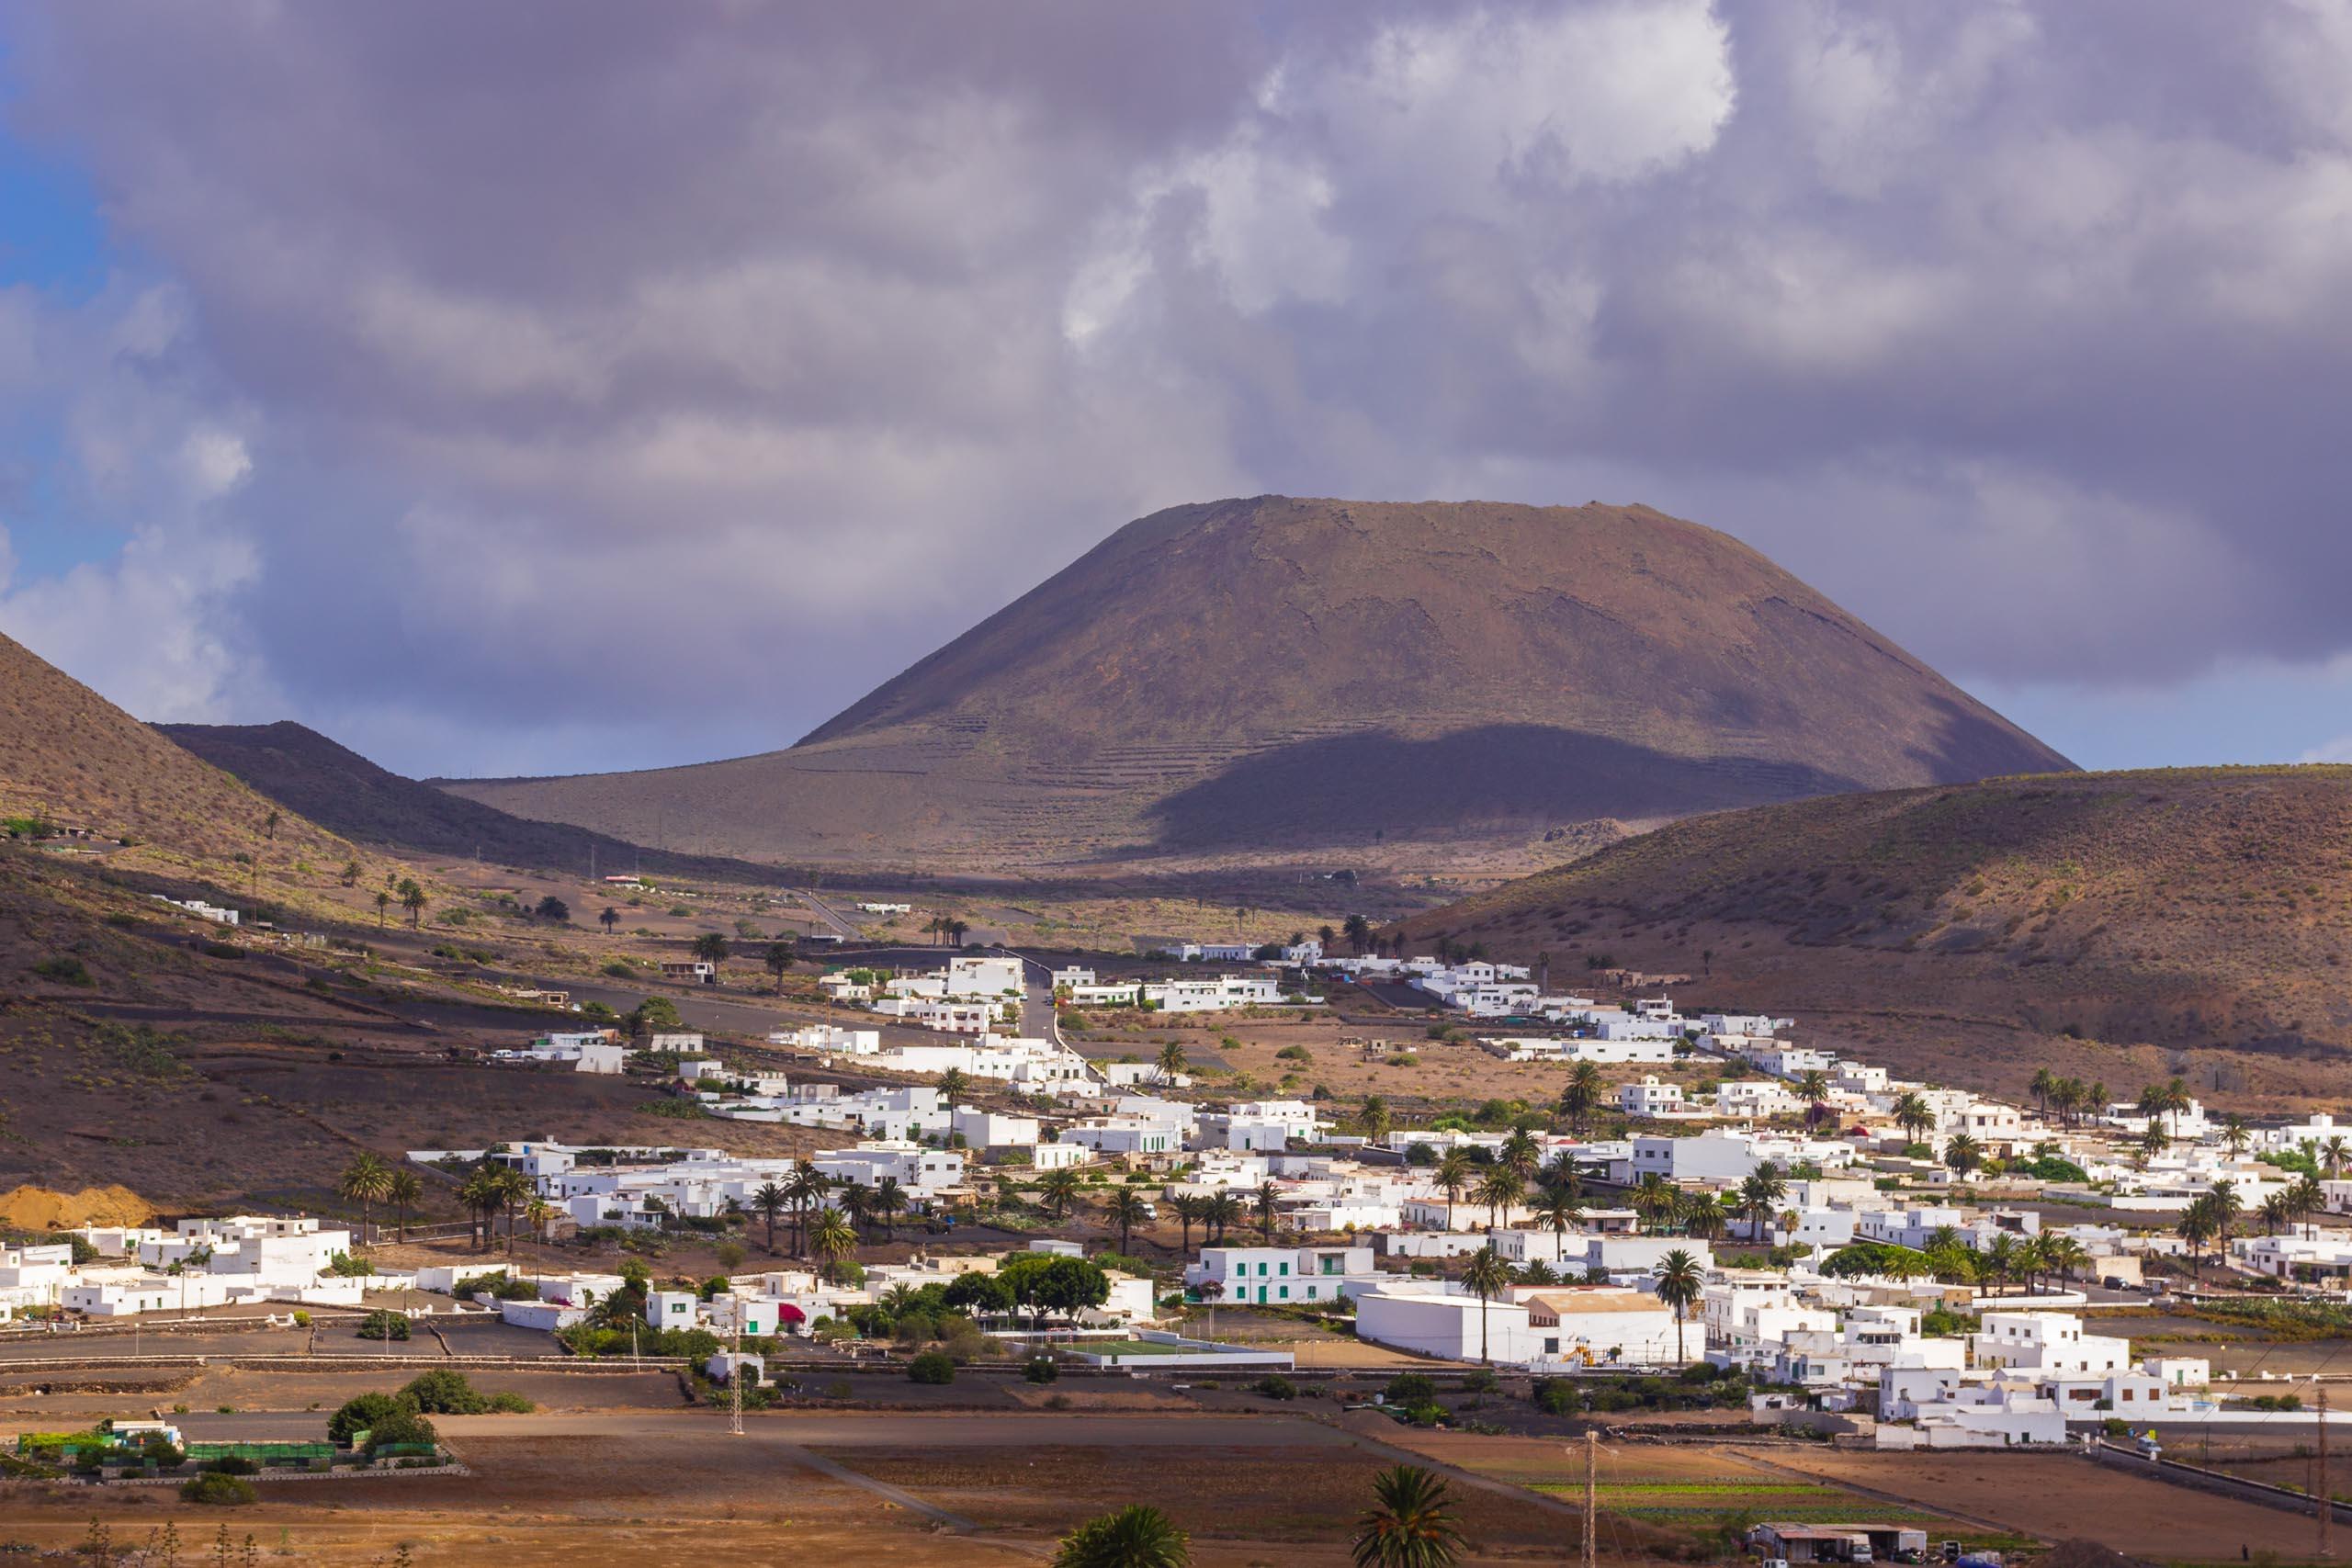 2016 09 Lanzarote Vistamaguez 002